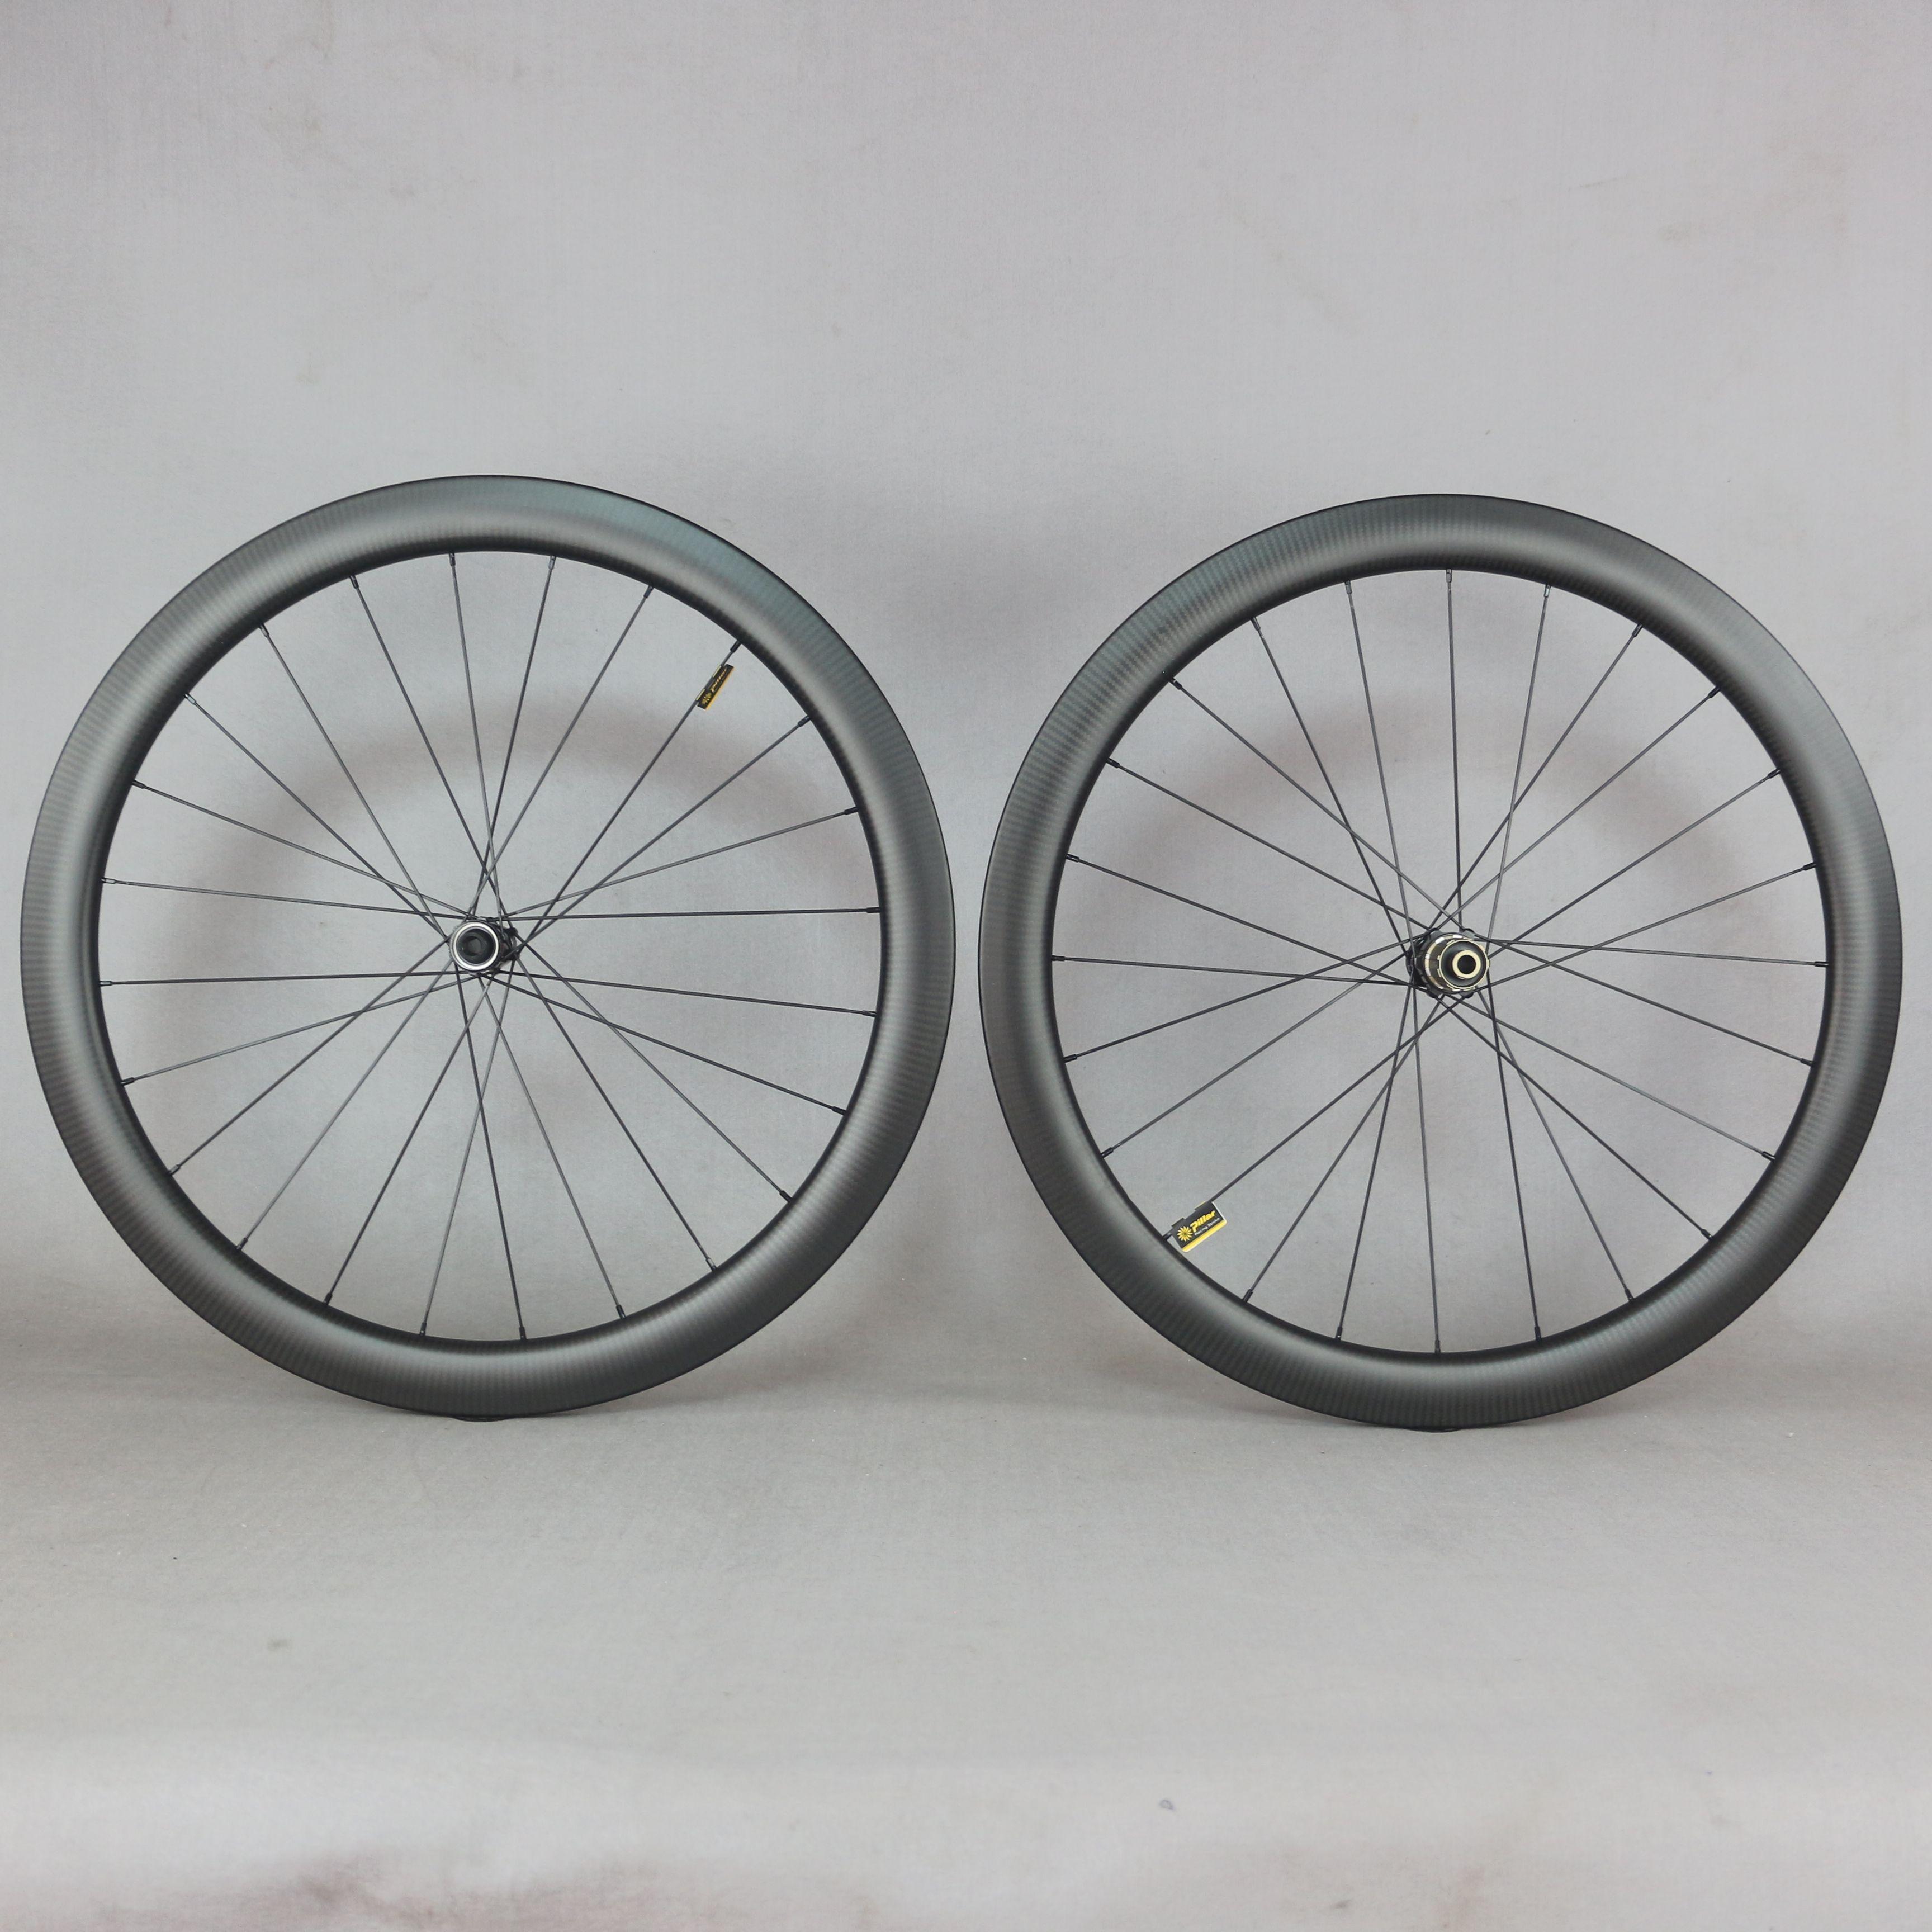 2019 جديد الكربون قرص العجلات عمود 1423 تكلم novate d411 / d412 hubs 6 الترباس أو مركز قفل cyclocross العجلات الحصى الدراجة العجلات